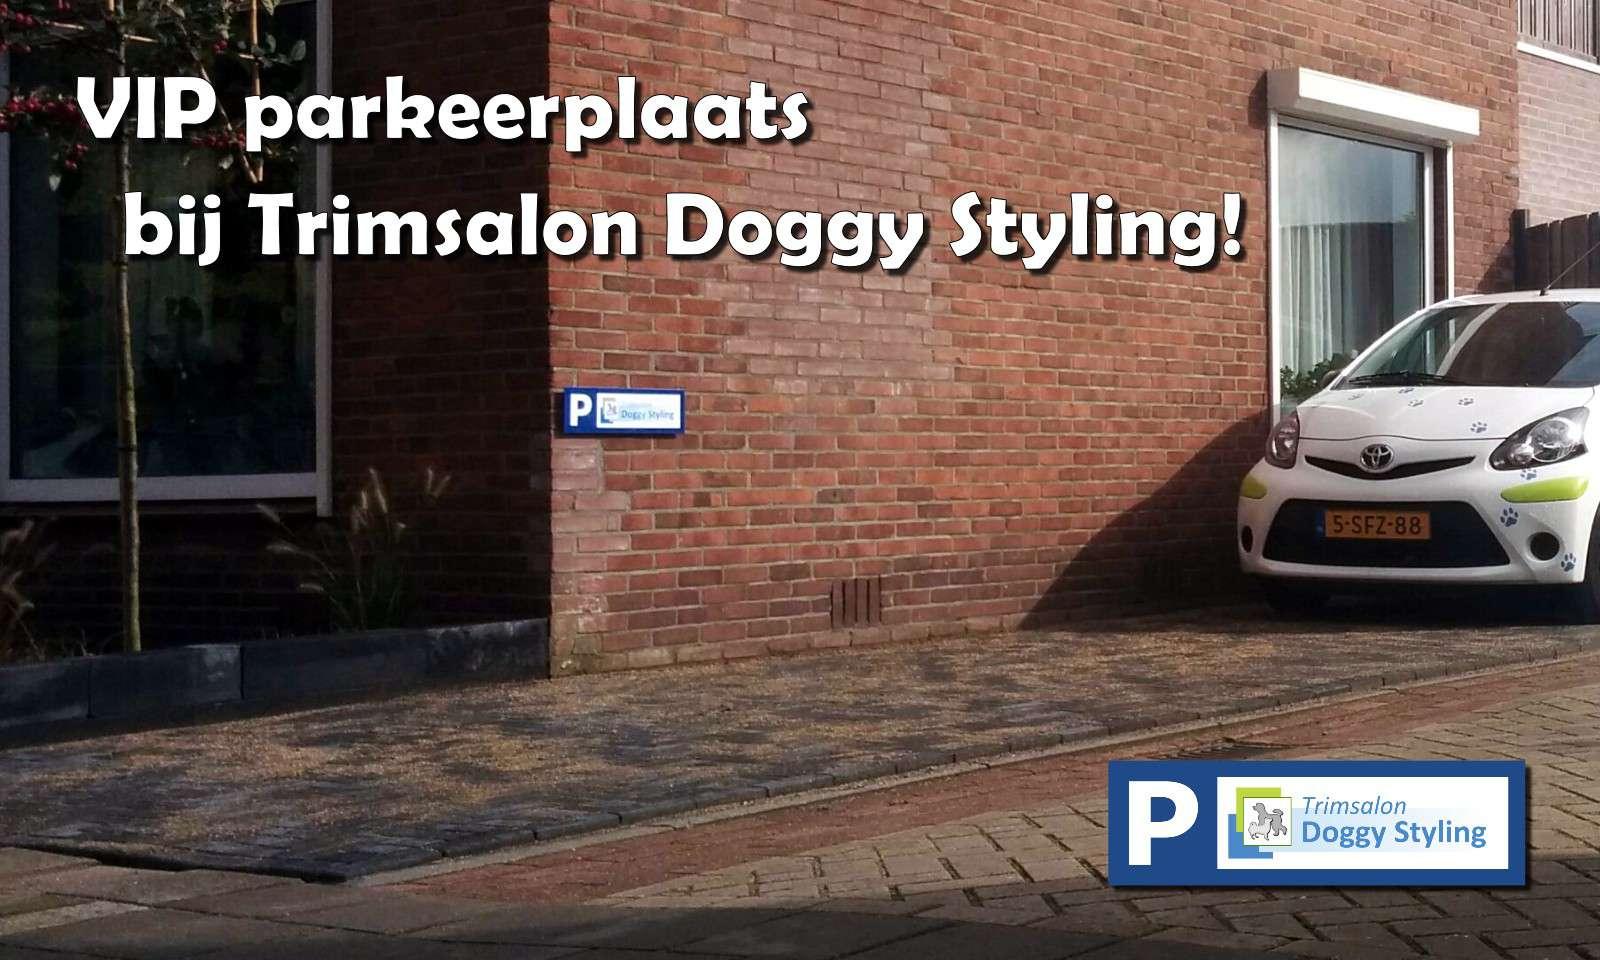 Trimsalon Doggy Styling - Parkeerplaats